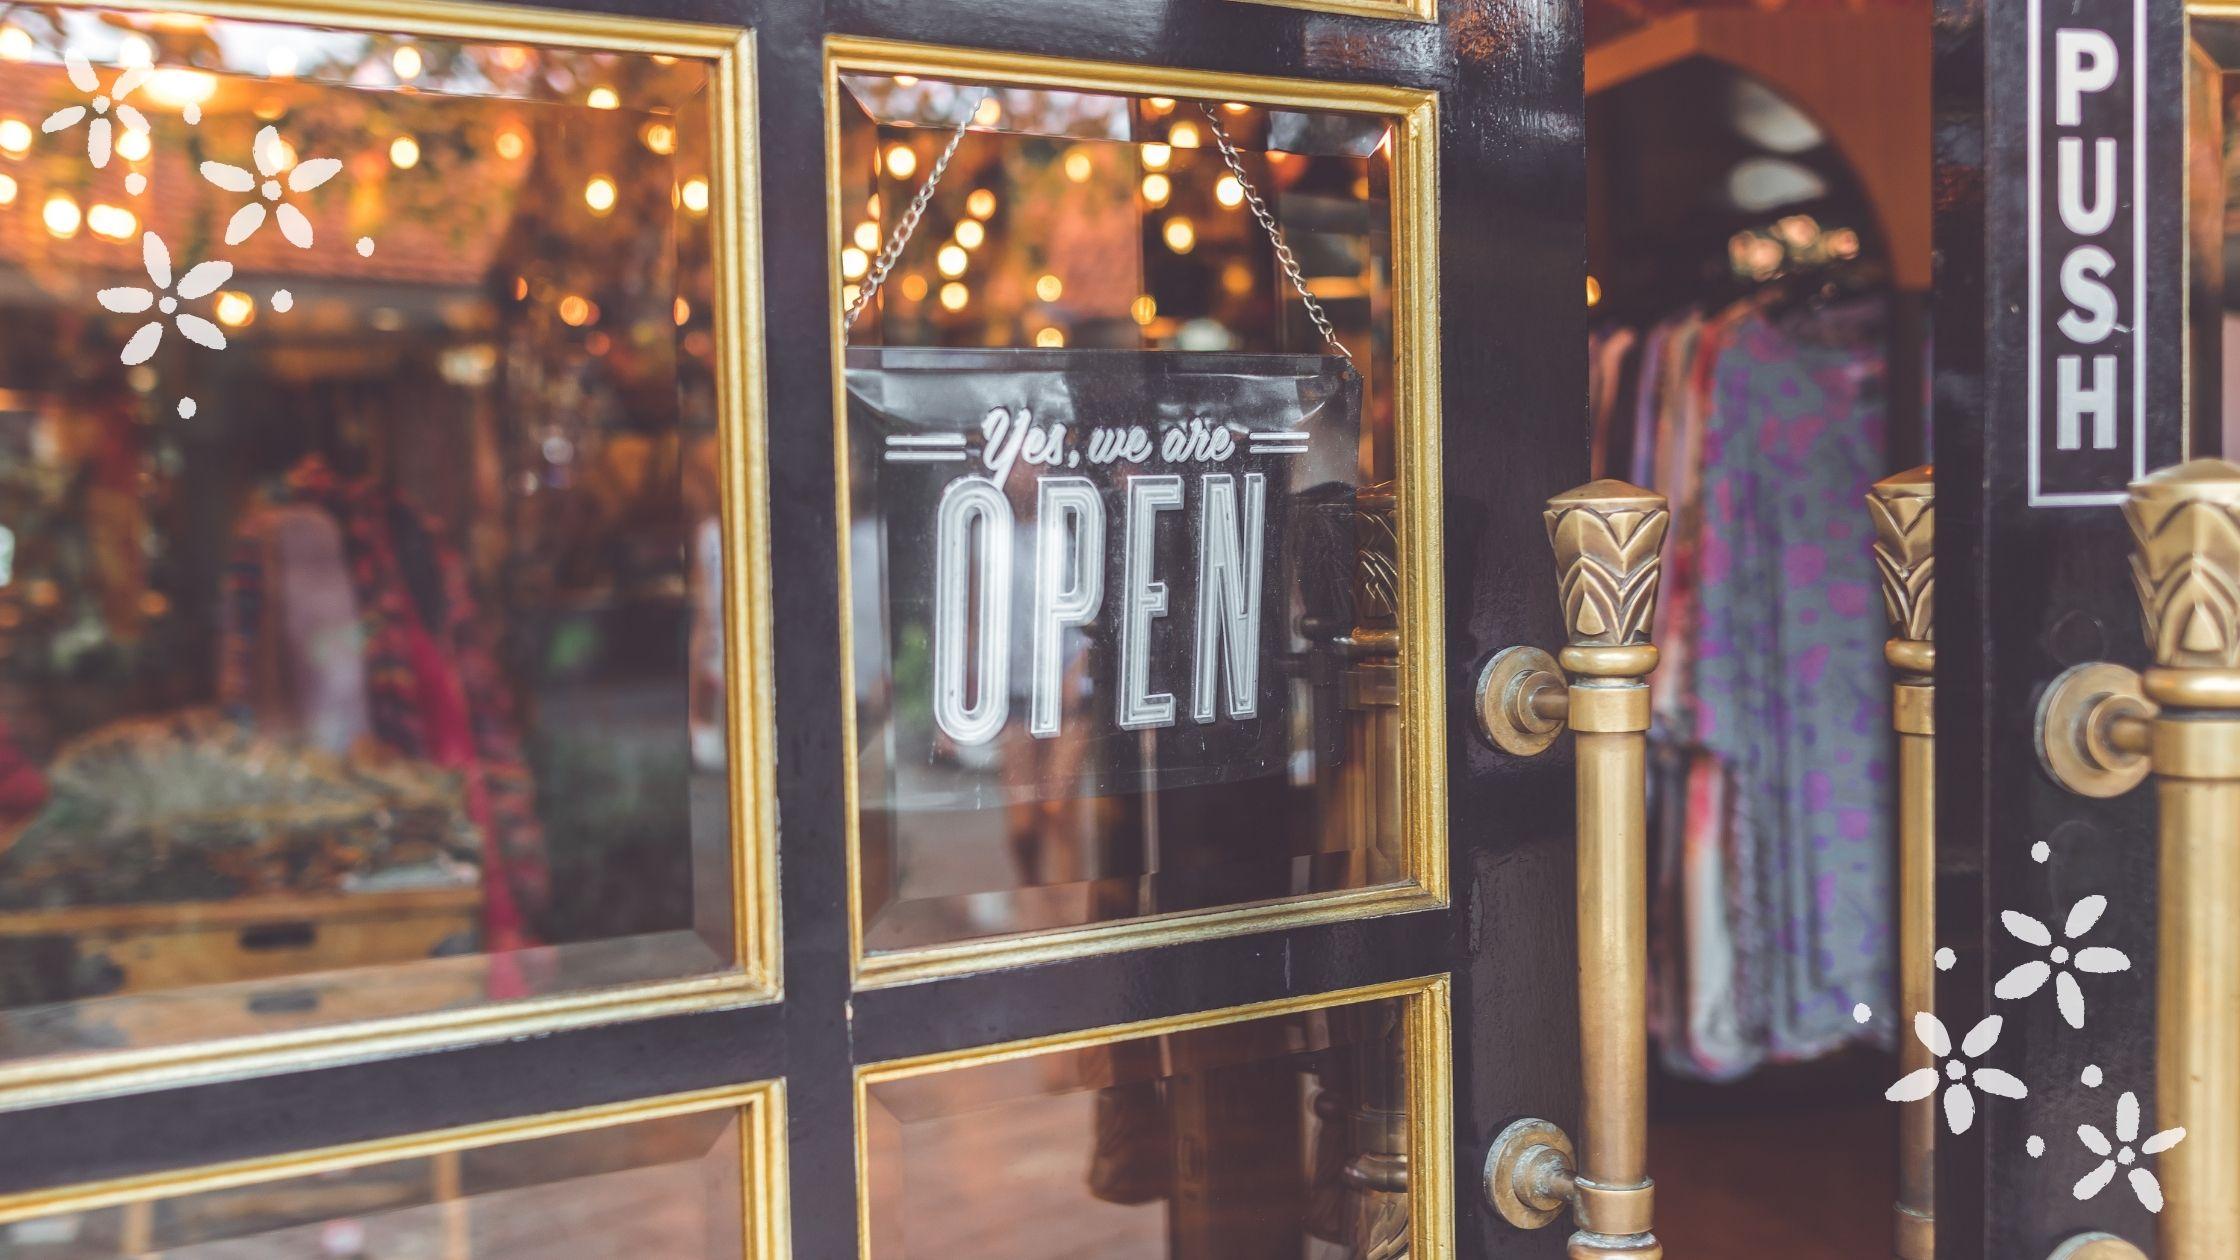 gastar-para-abrir-uma-loja-de-roupas